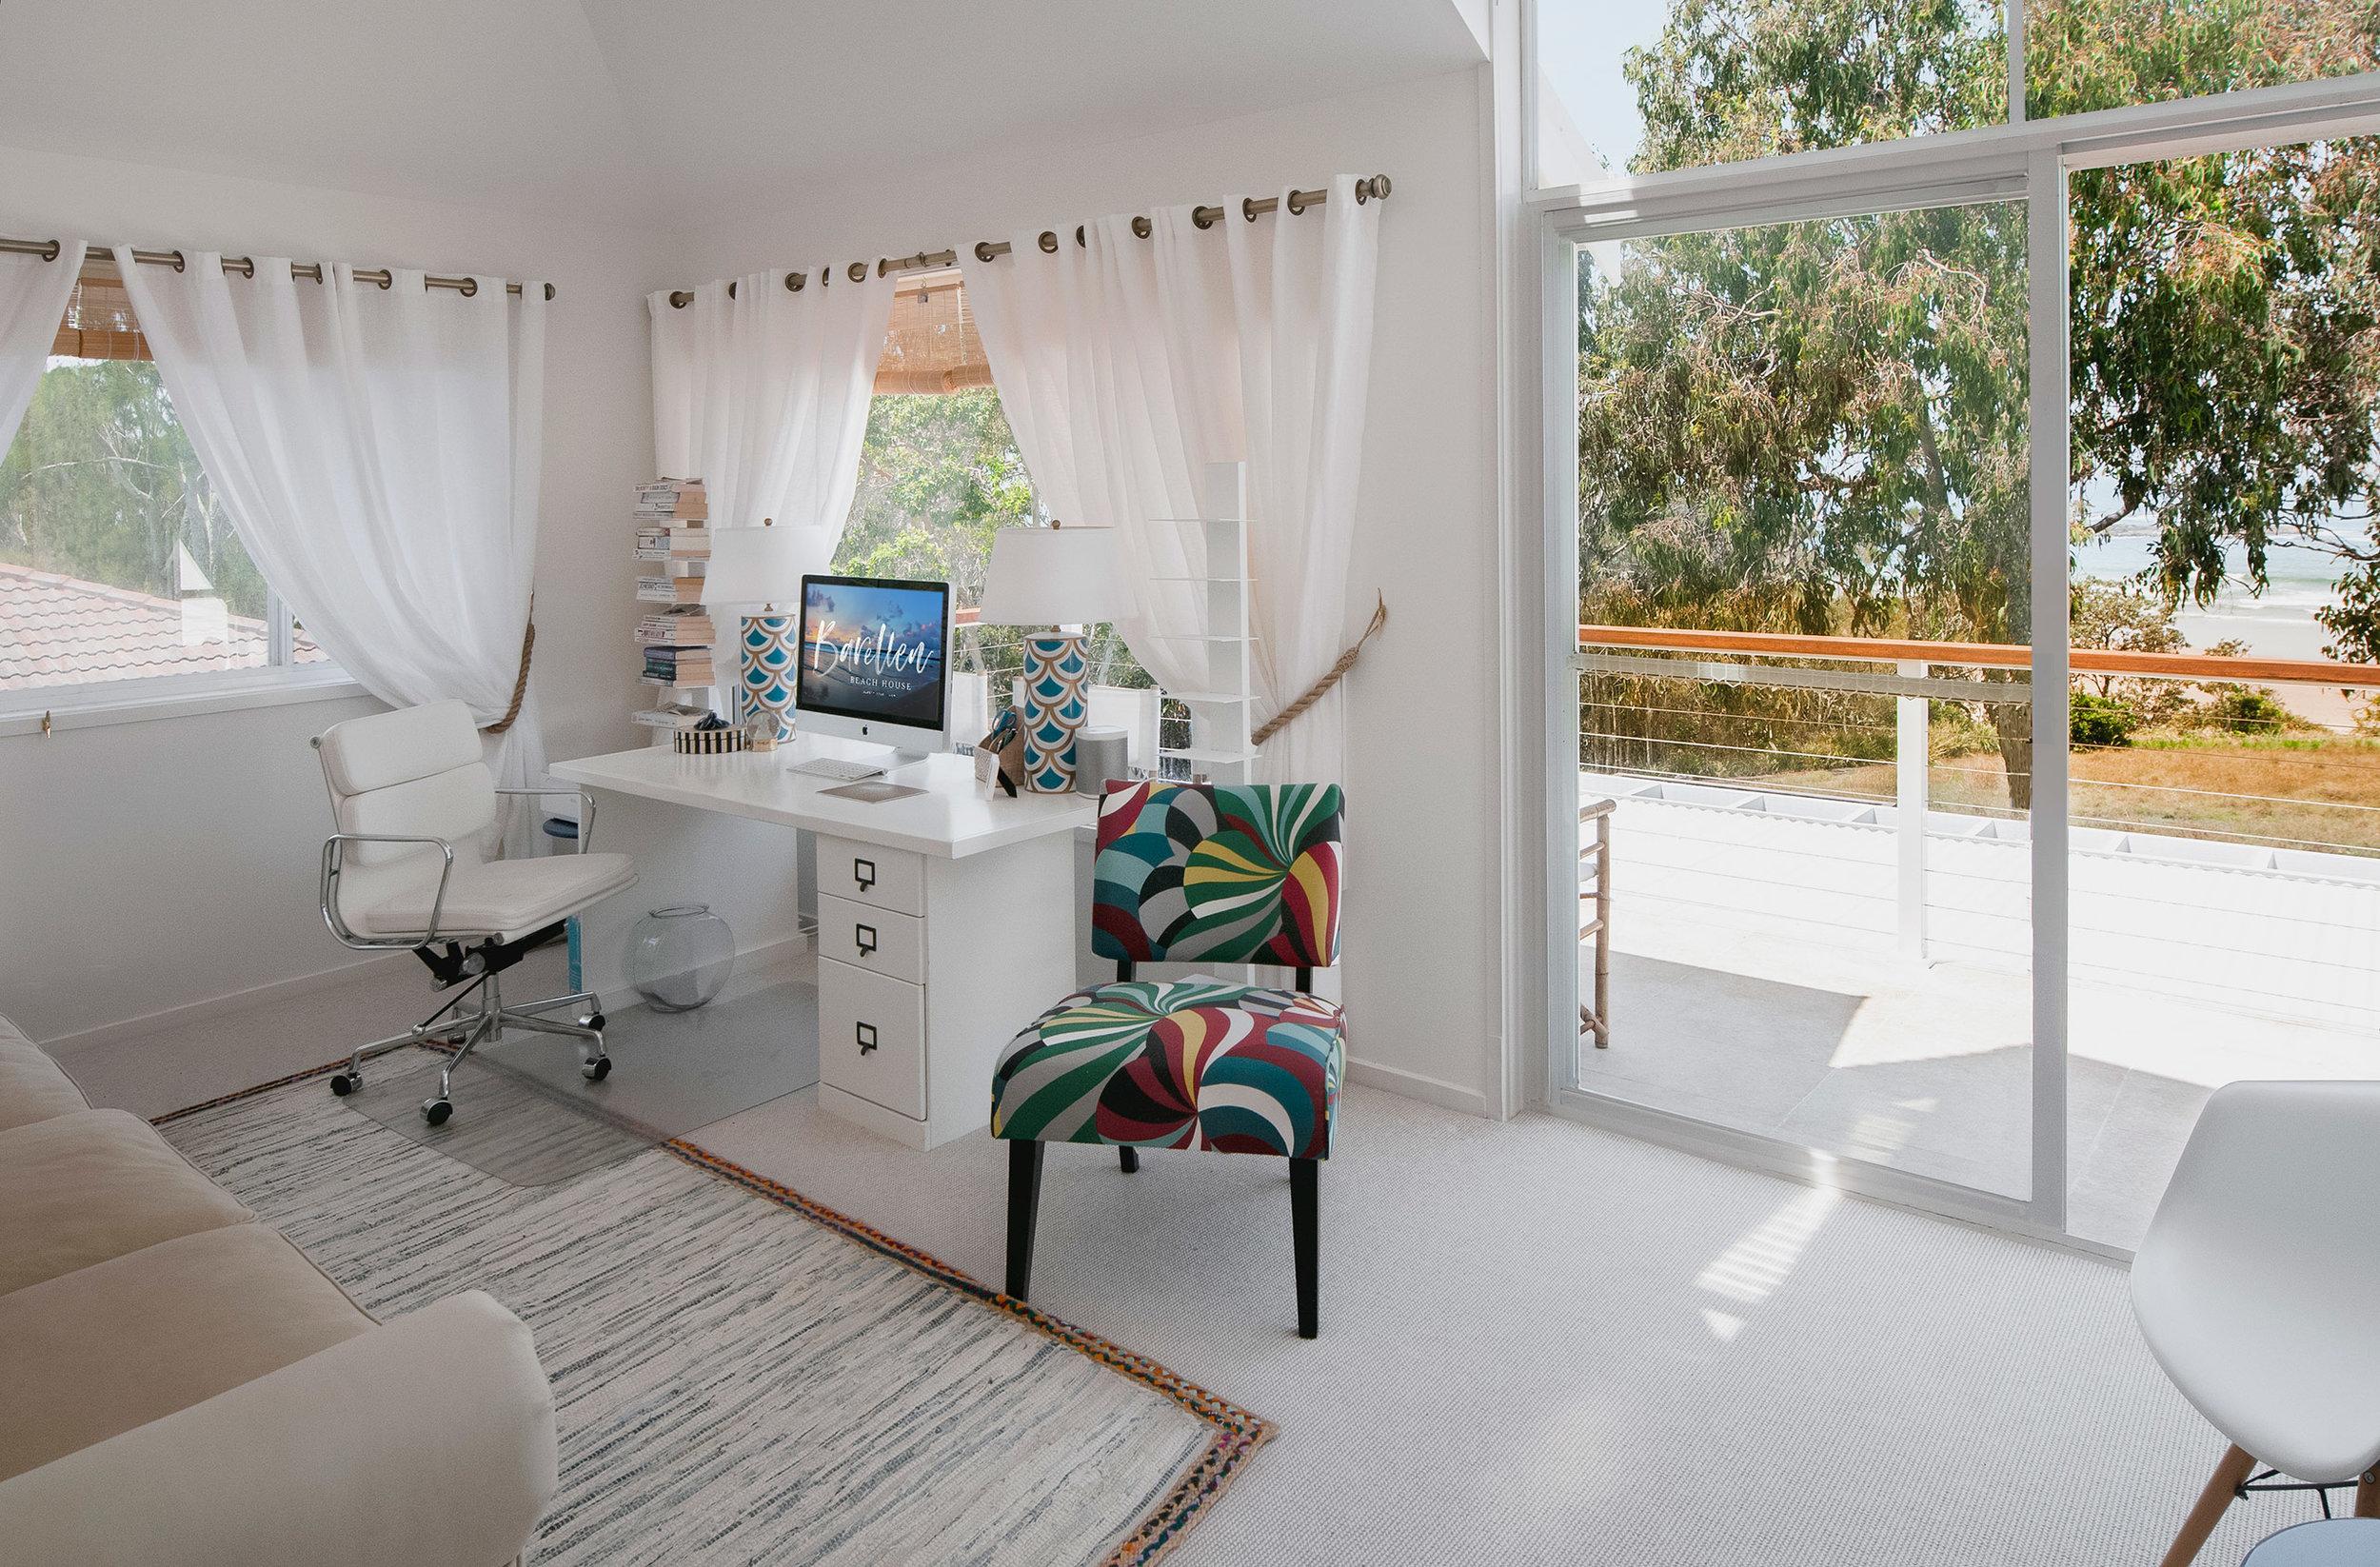 Barellen-12-Bedroom-6-Office-Office-2018-11-05-12.24.26.jpg